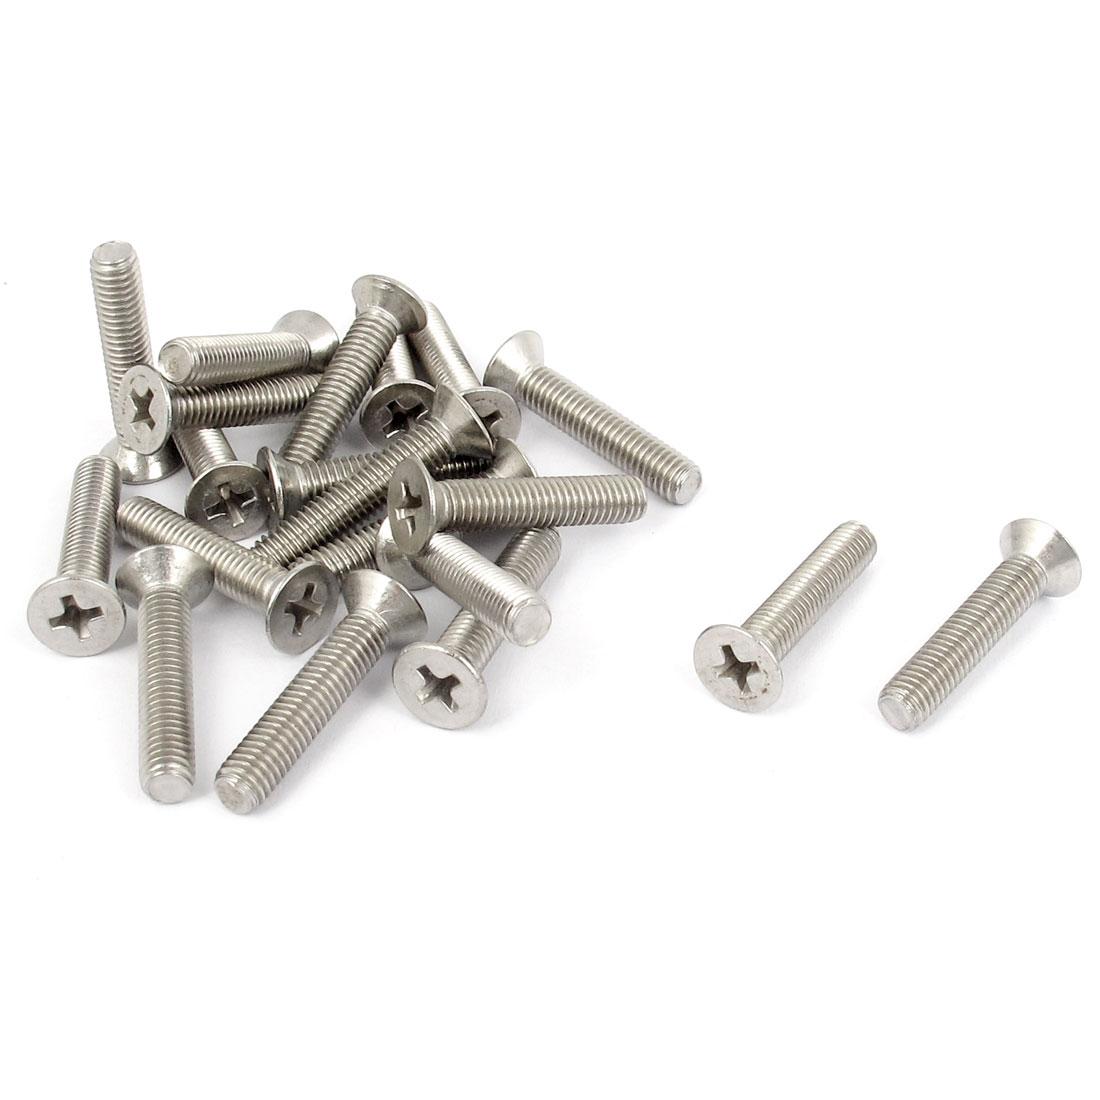 M5 x 25mm Metric Phillips Flat Head Countersunk Bolts Machine Screws 20pcs